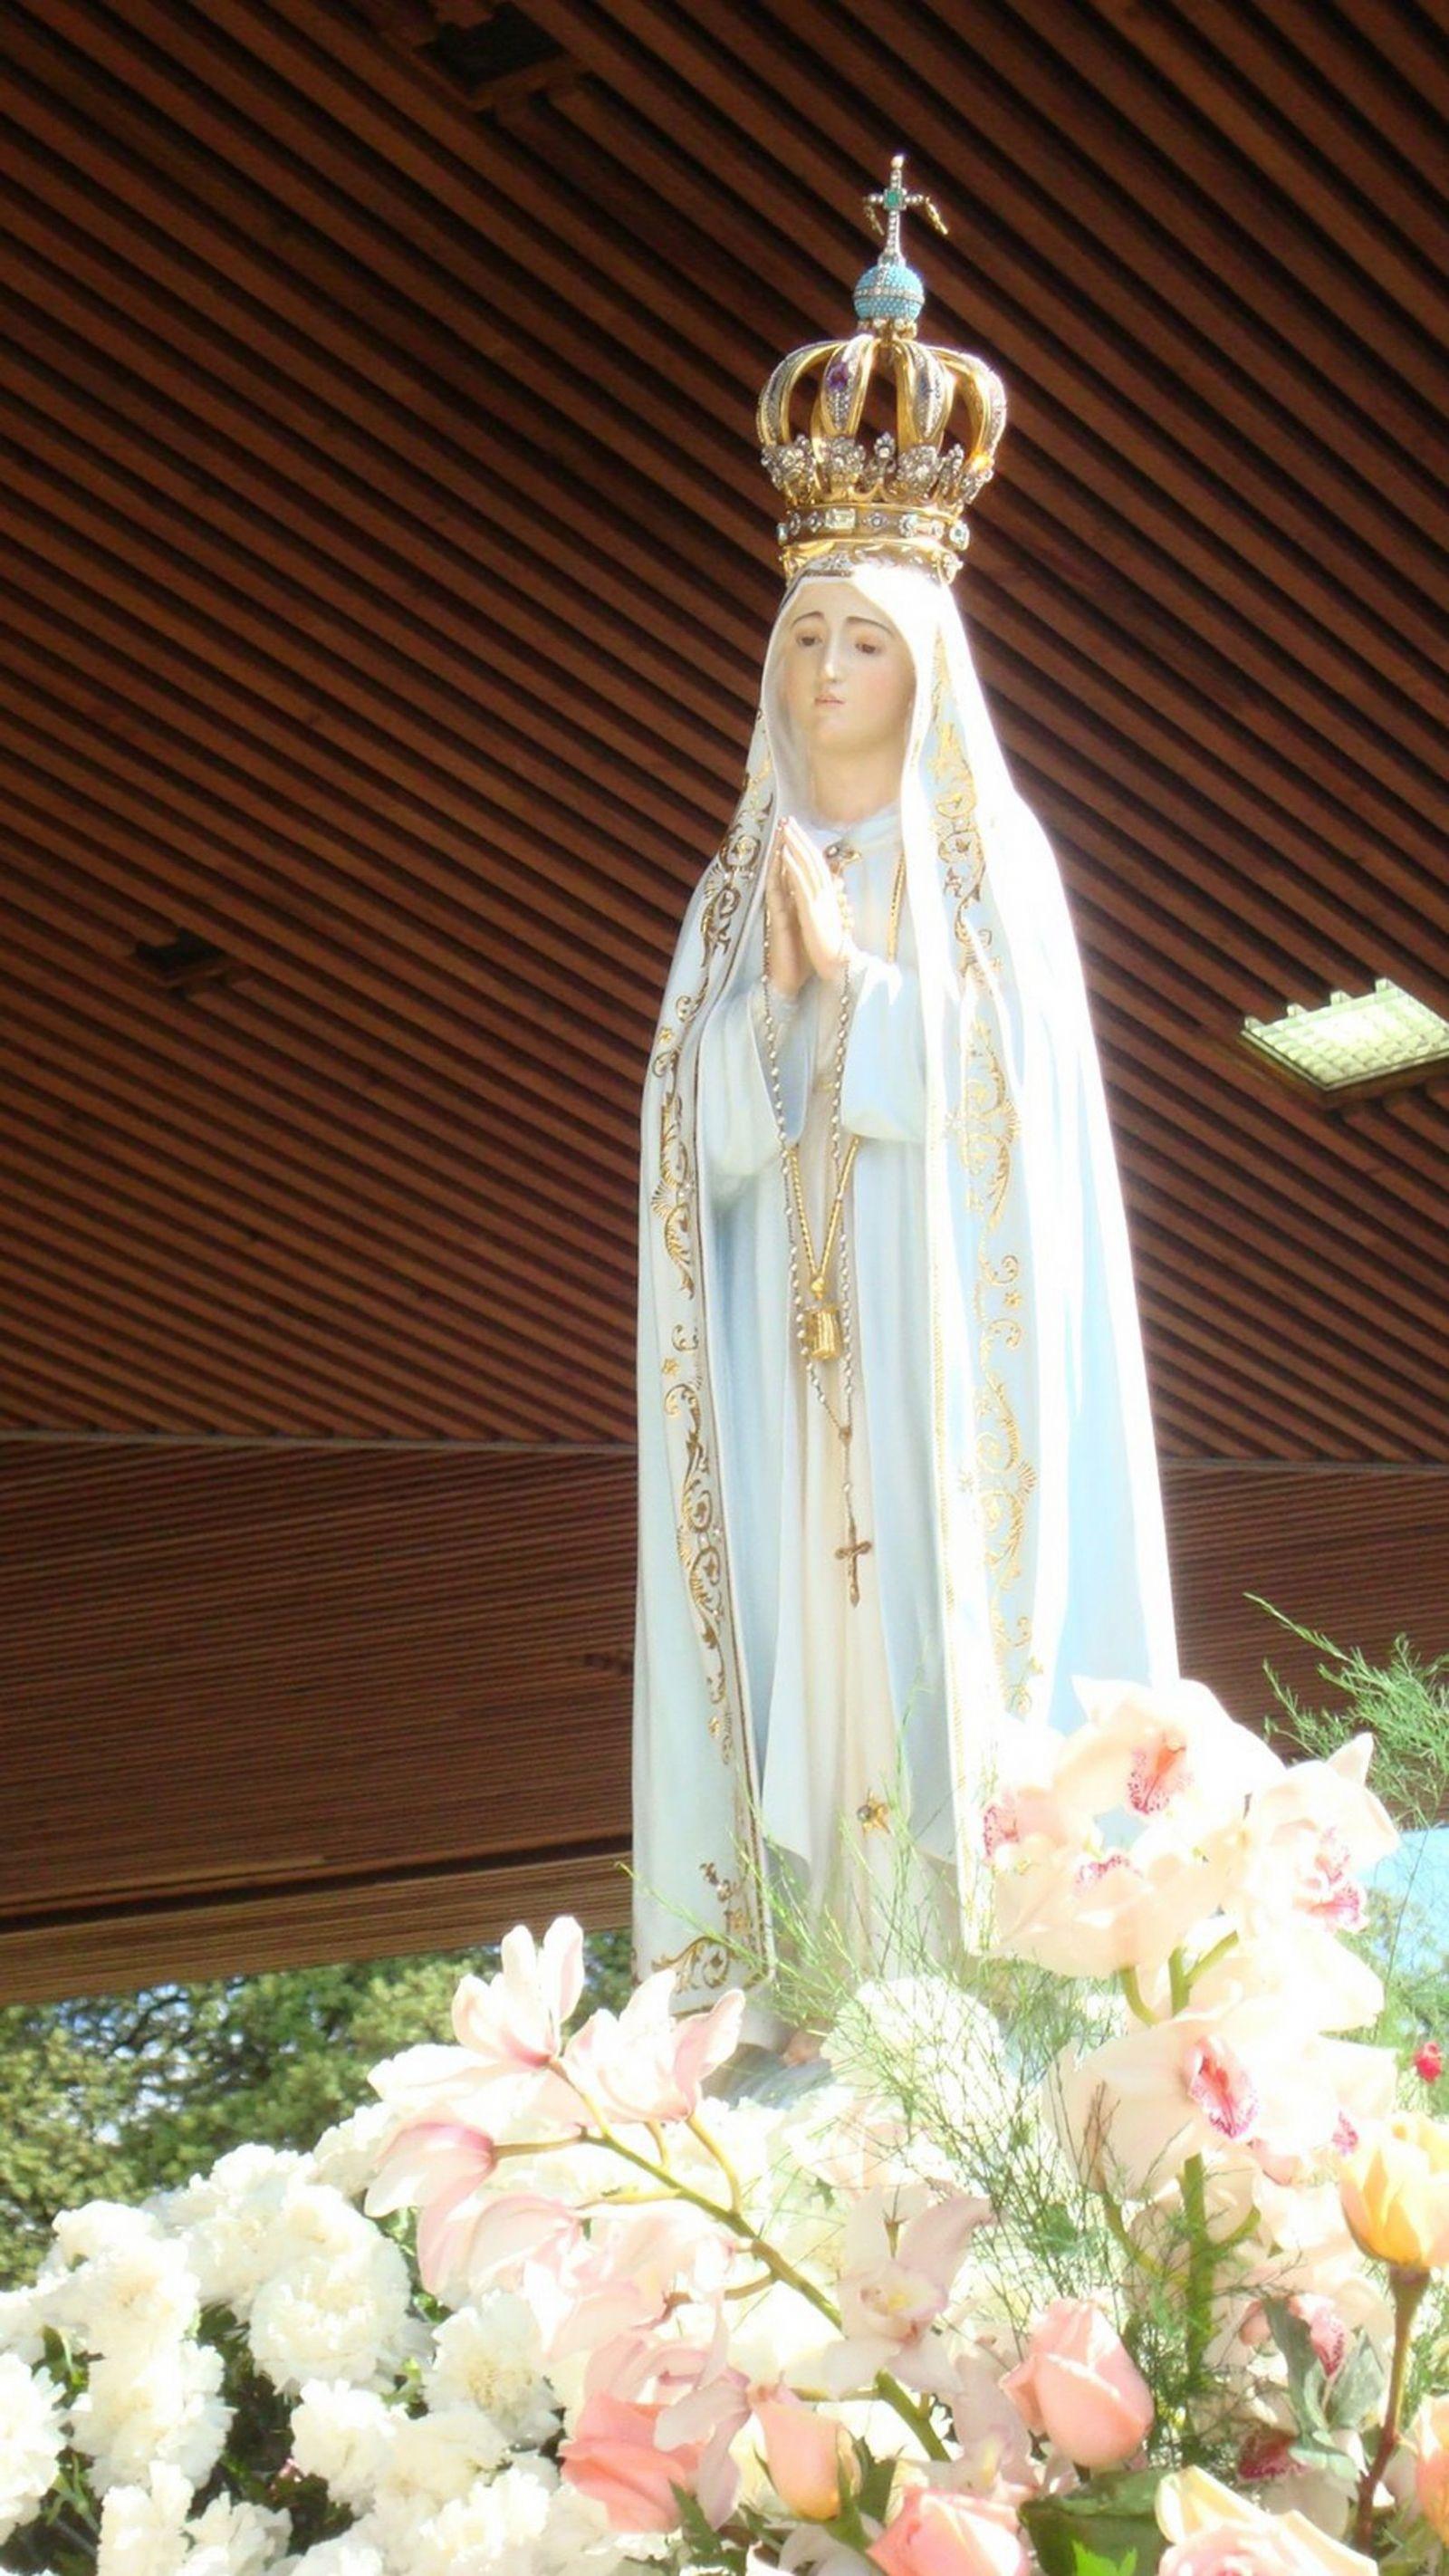 Virgen de Fátima.